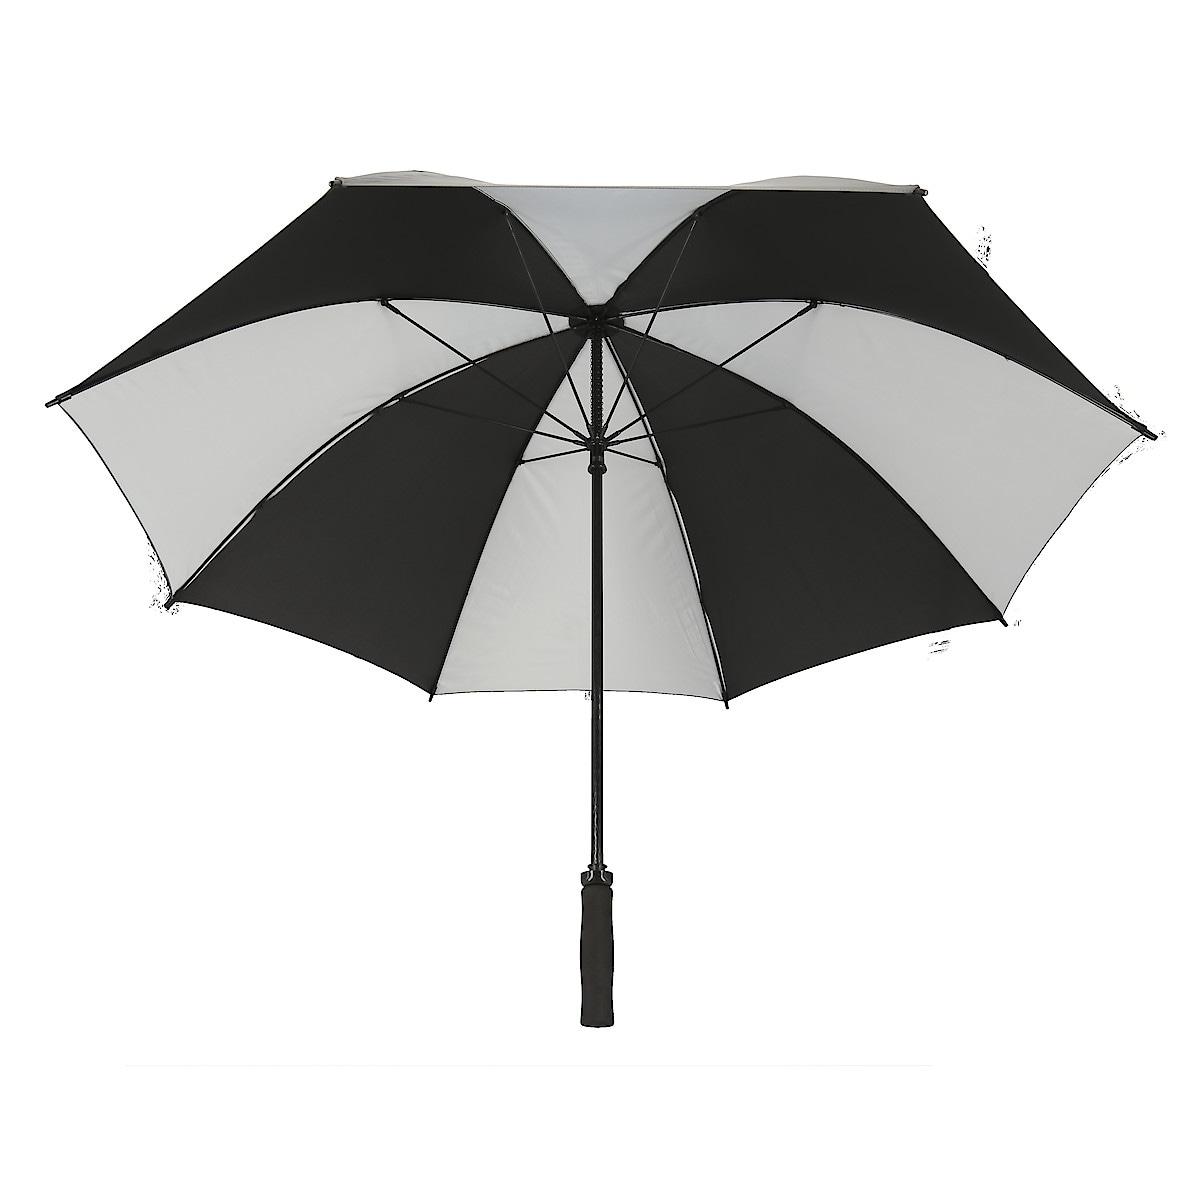 Paraply med reflex 115 cm, Asaklitt